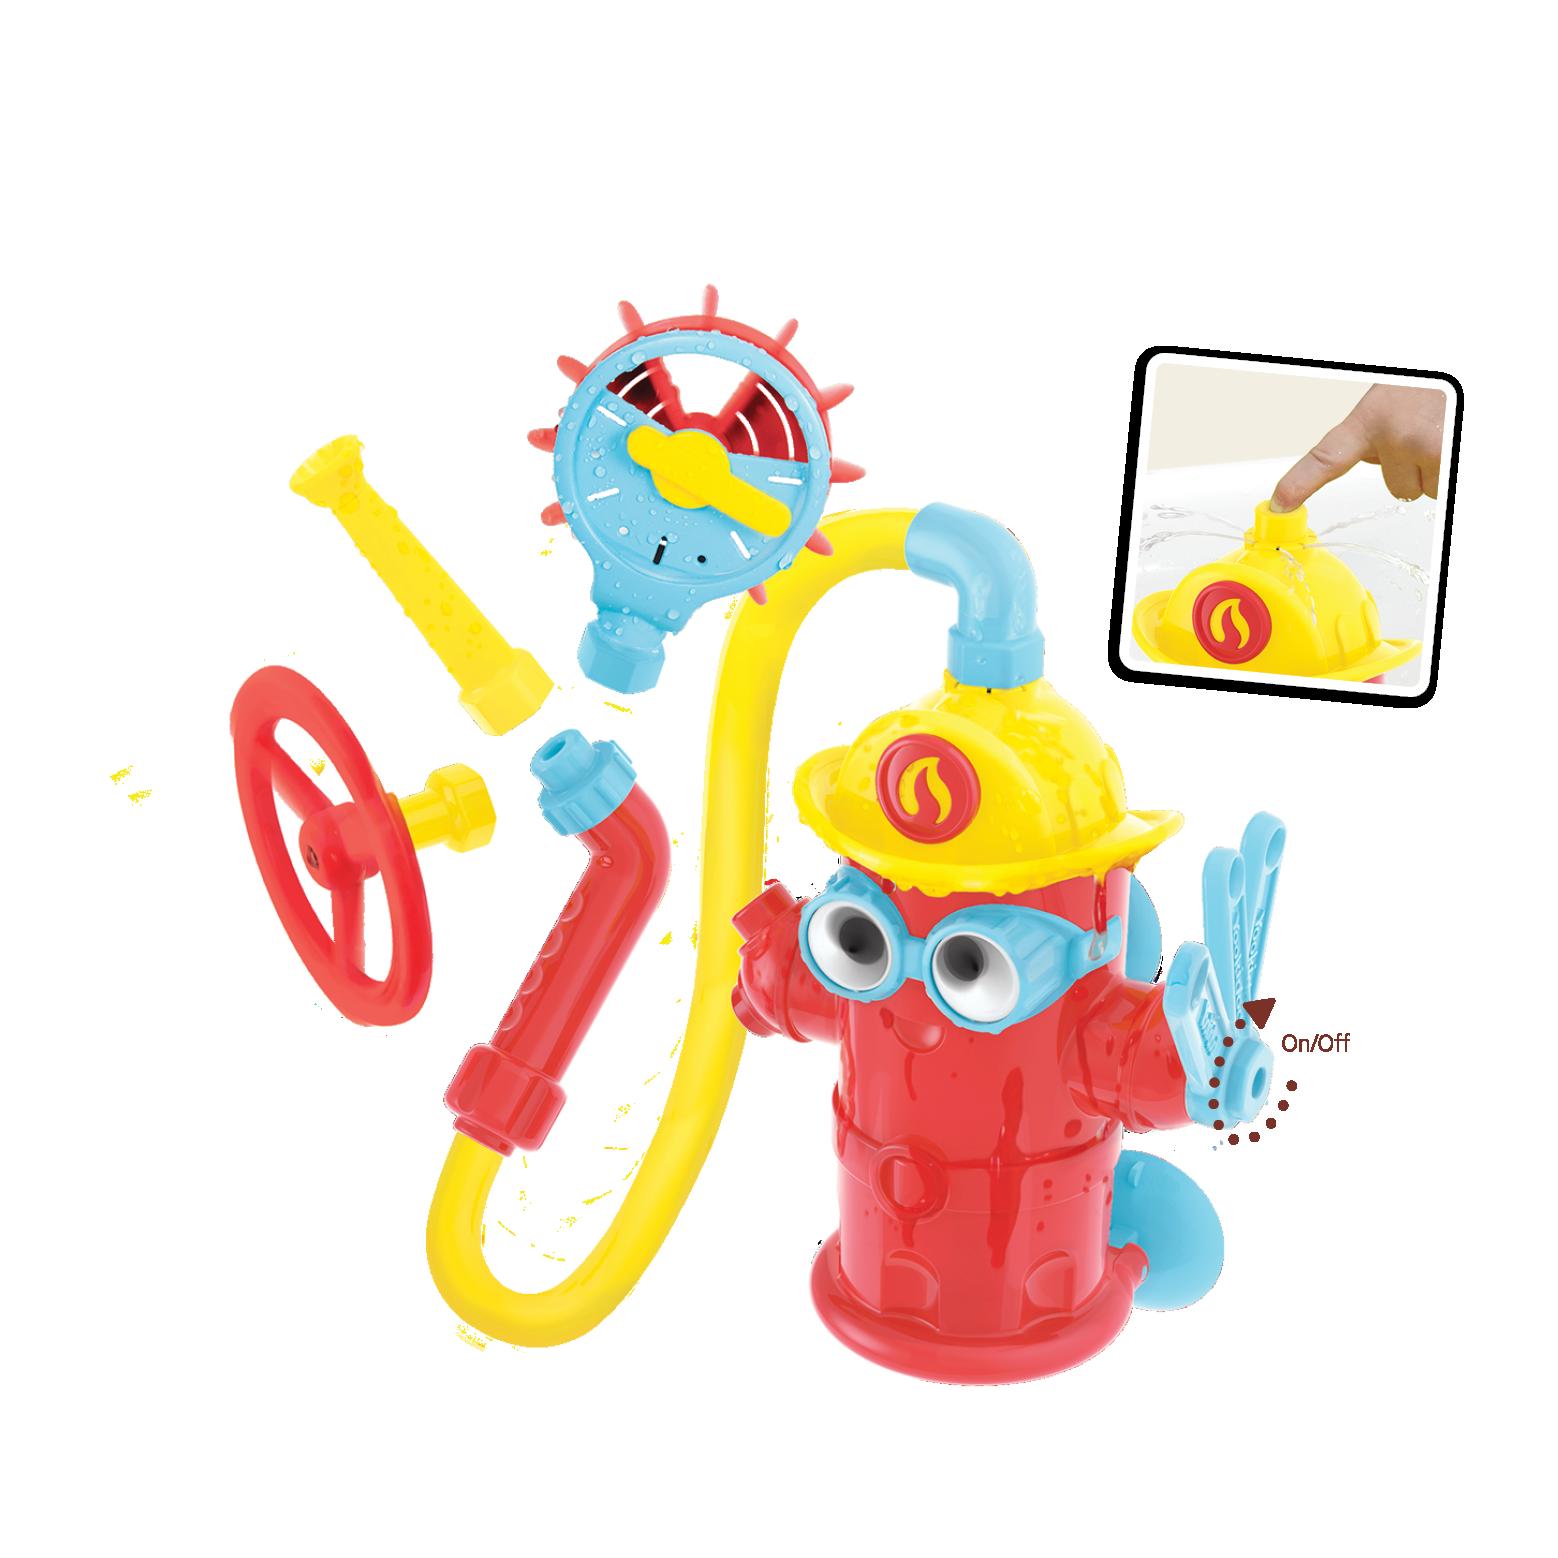 Yookidoo - Ready Freddy Spray 'N' Sprinkle (40204)